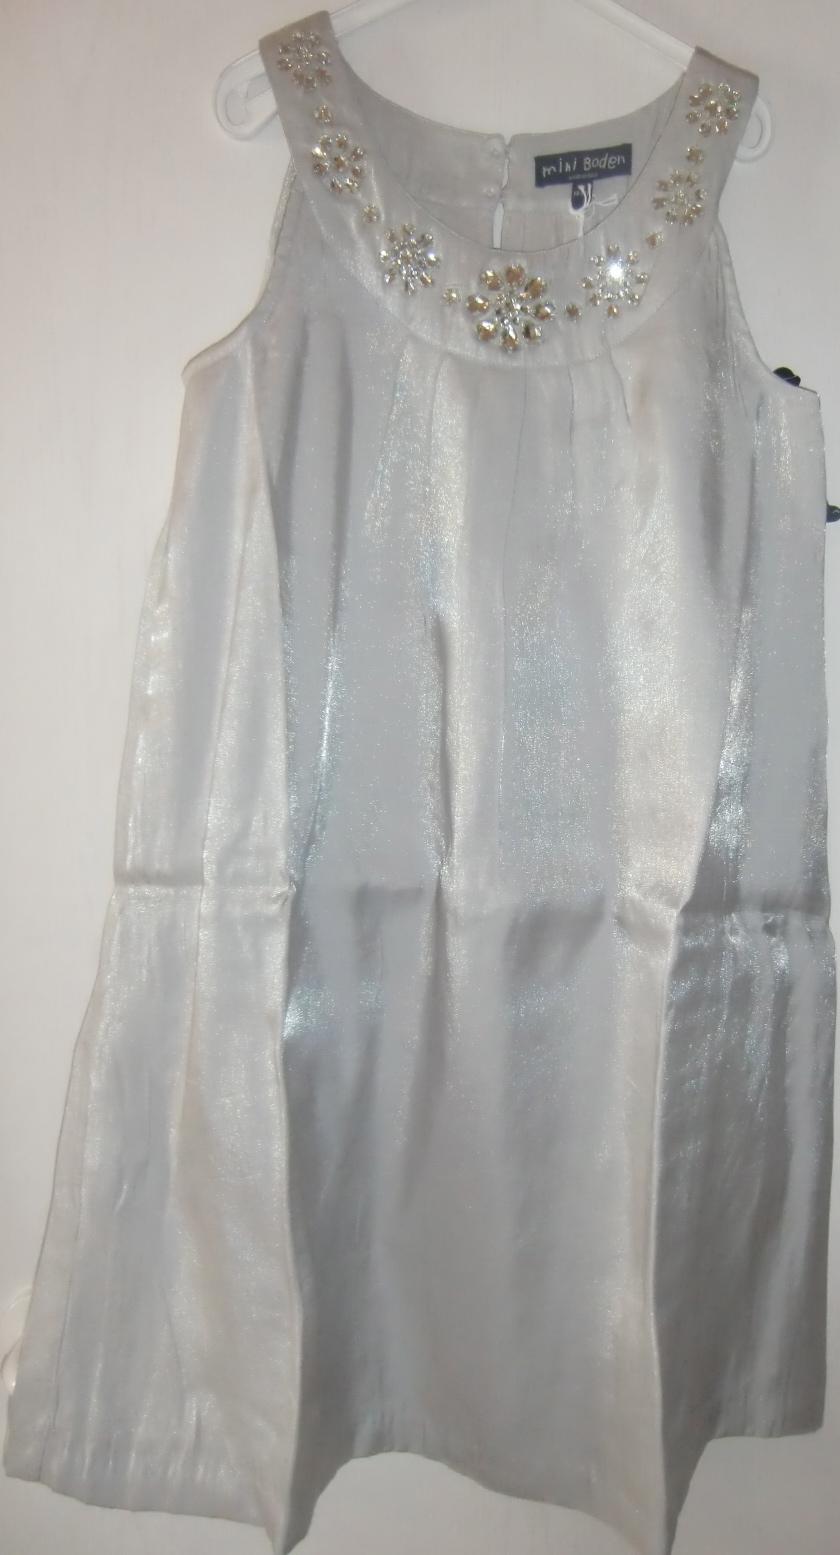 Mini boden partykleid festliches kleid in grau mit for Mini boden schuhe